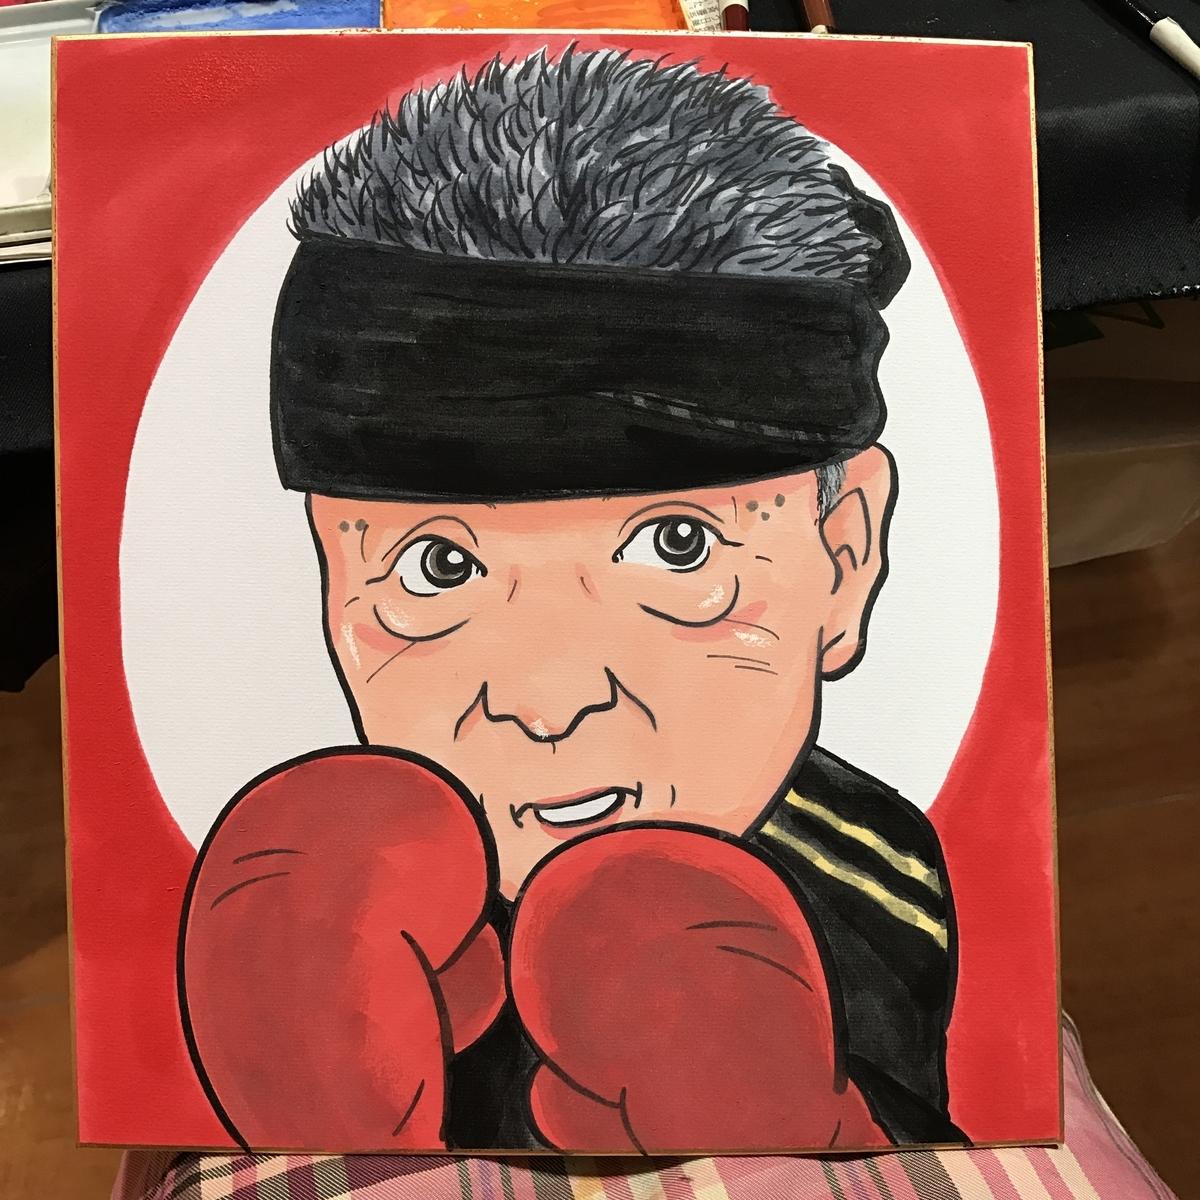 ボクシングの男性の似顔絵